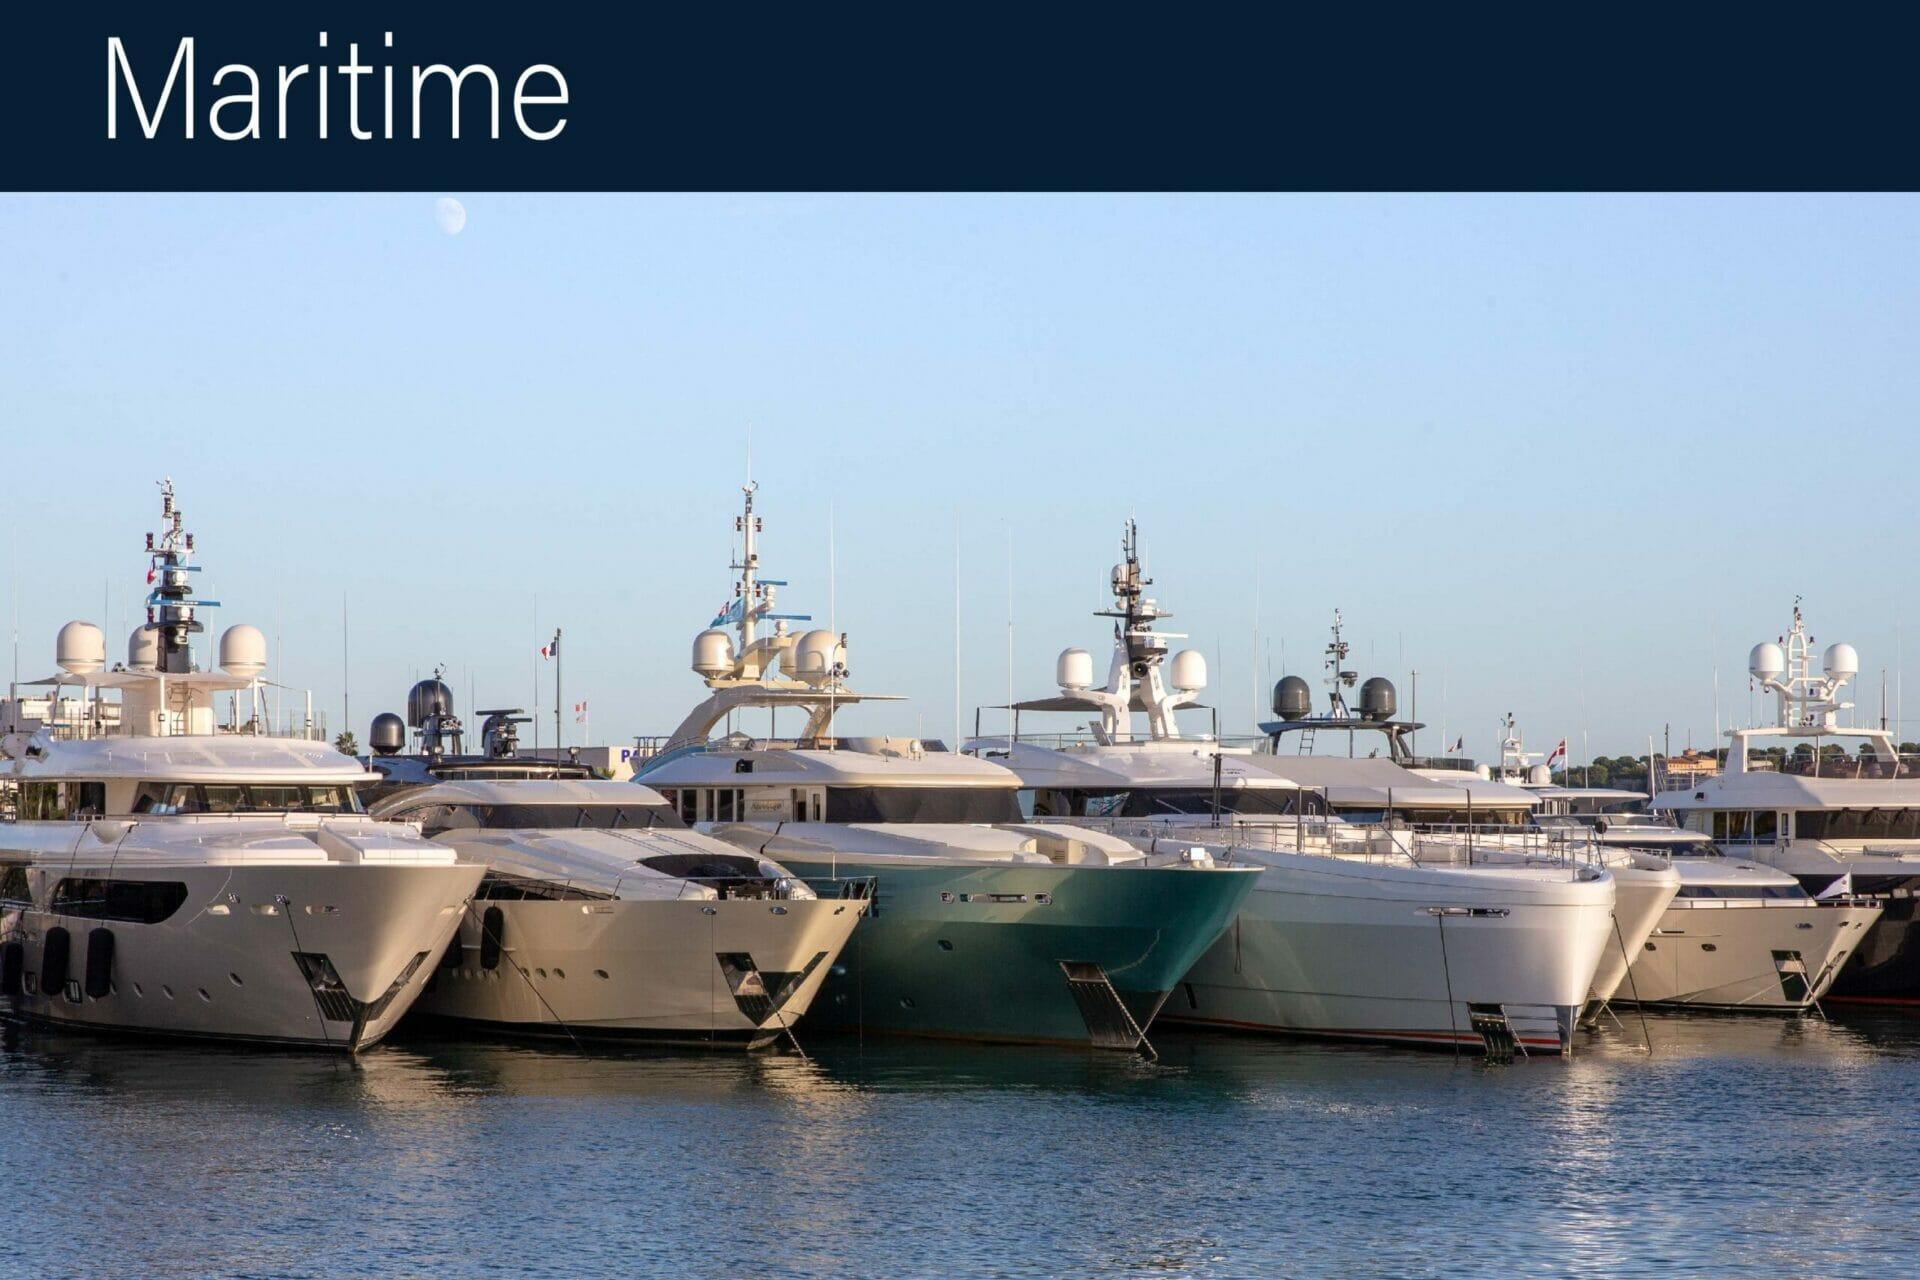 maritime home